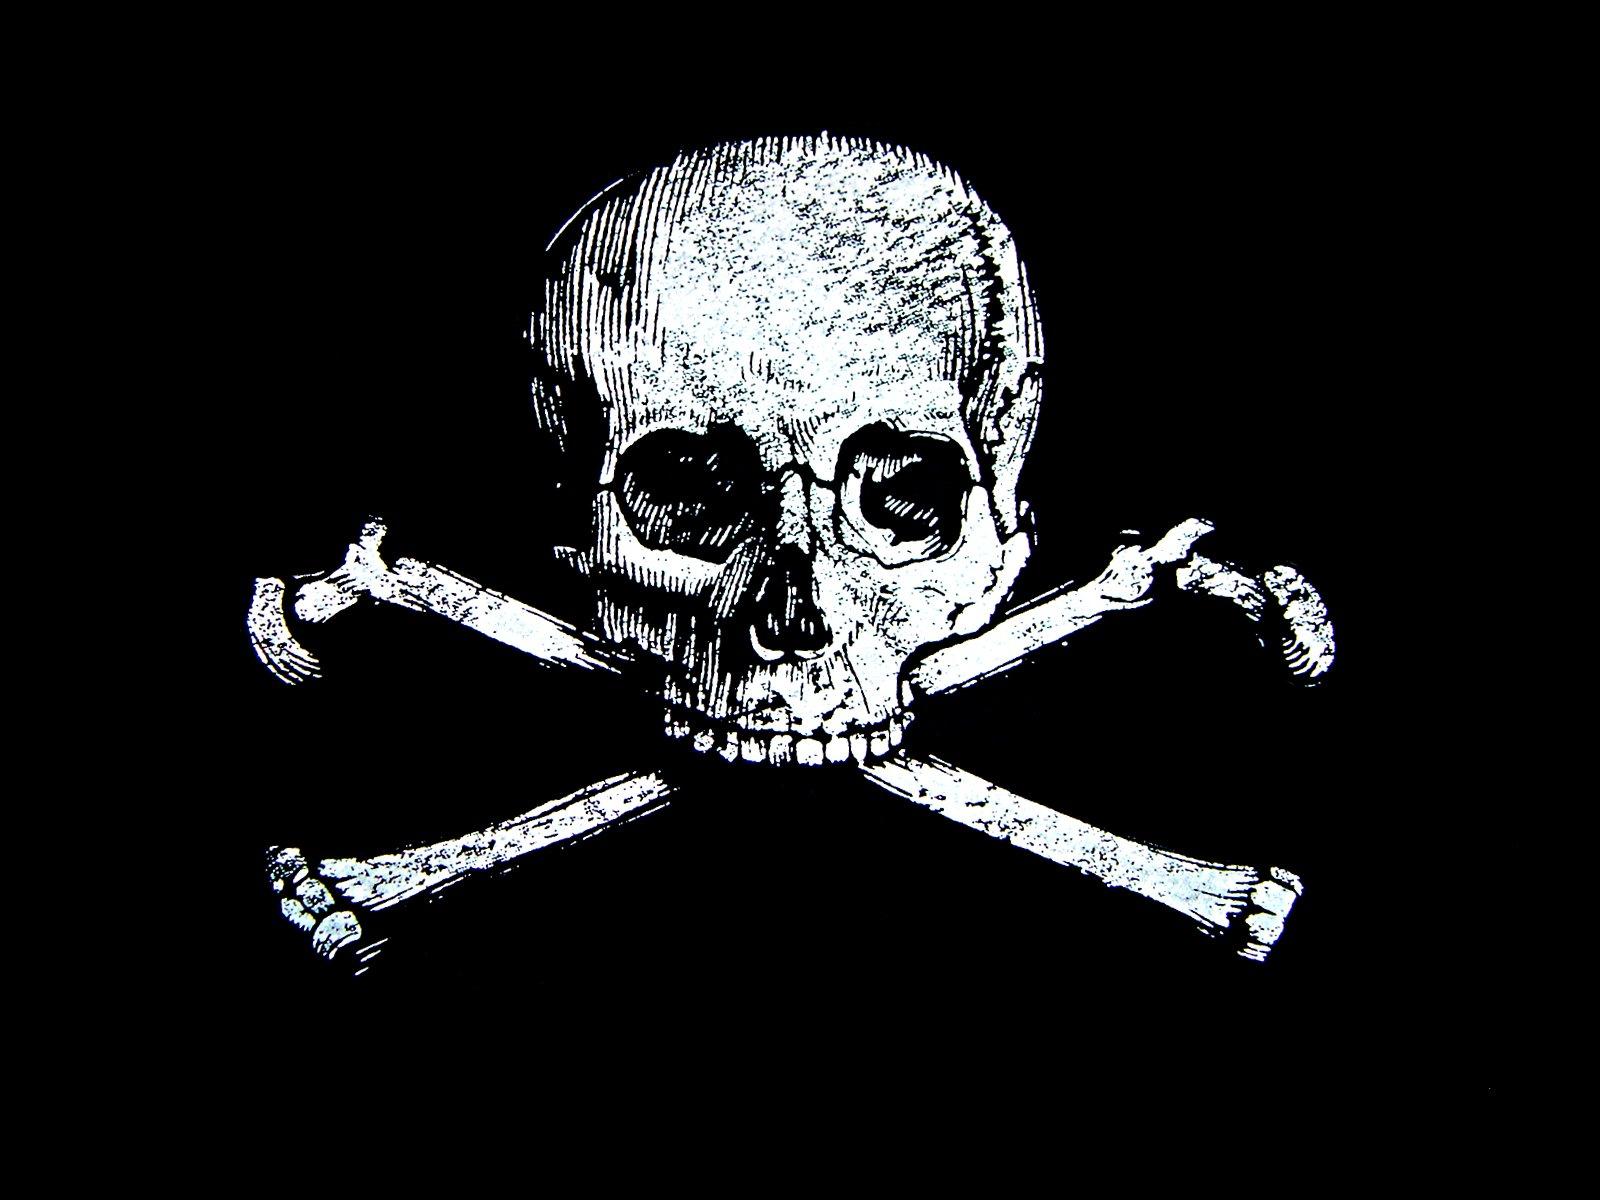 skull and bones wallpaper   wallpapersafari